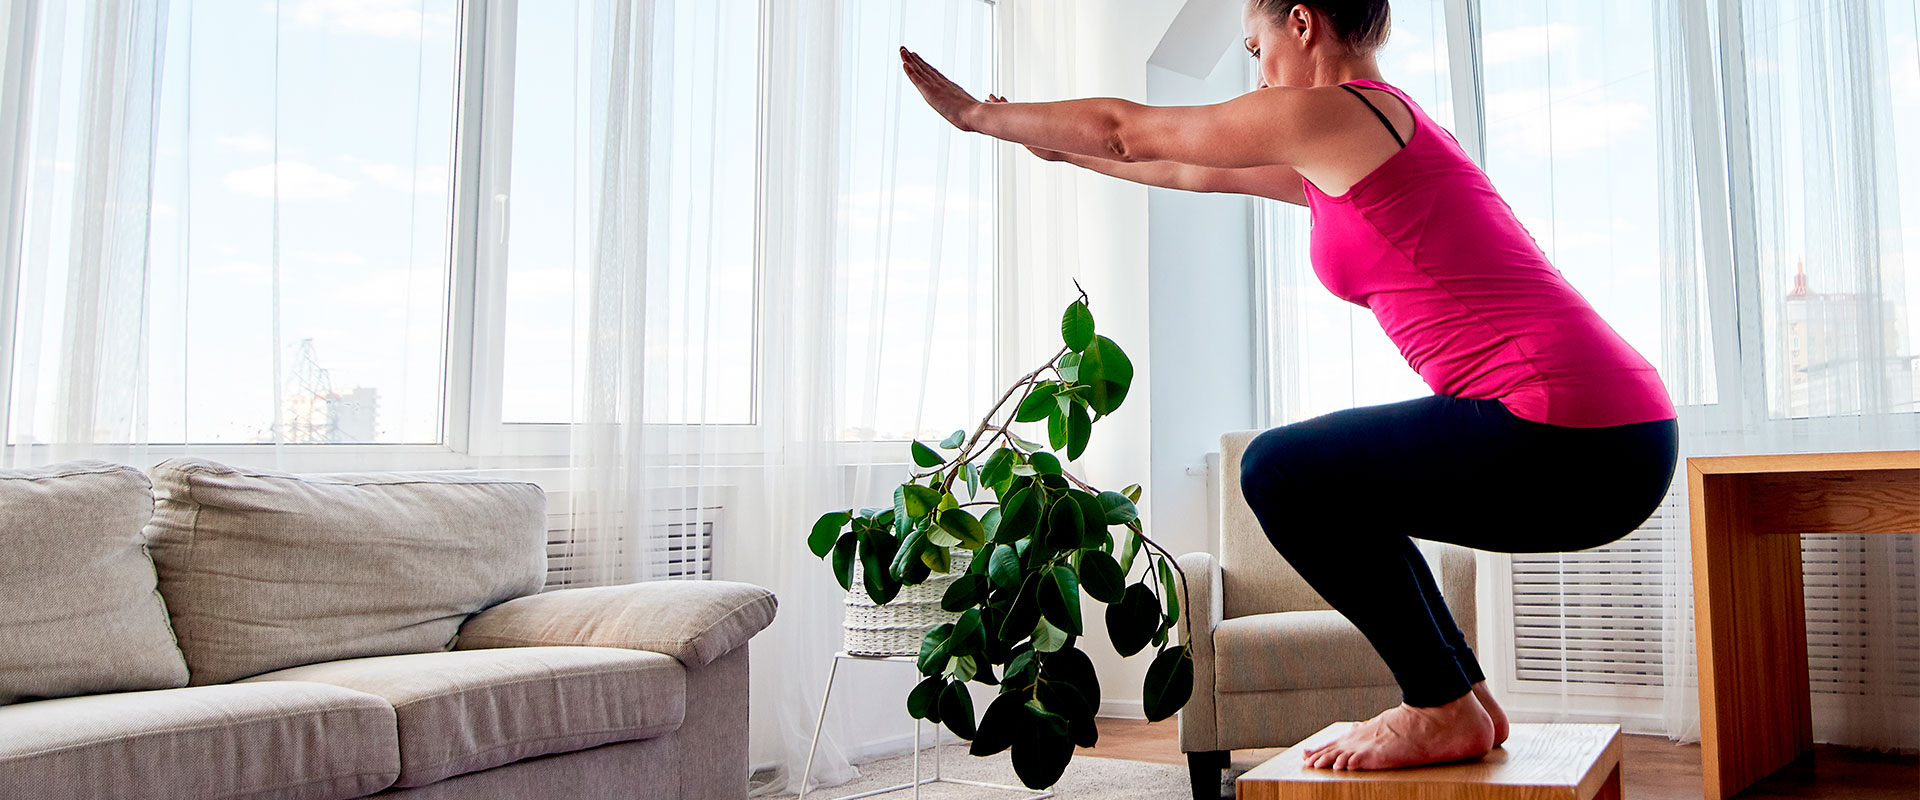 Mujer practicando Functional training en su casa.